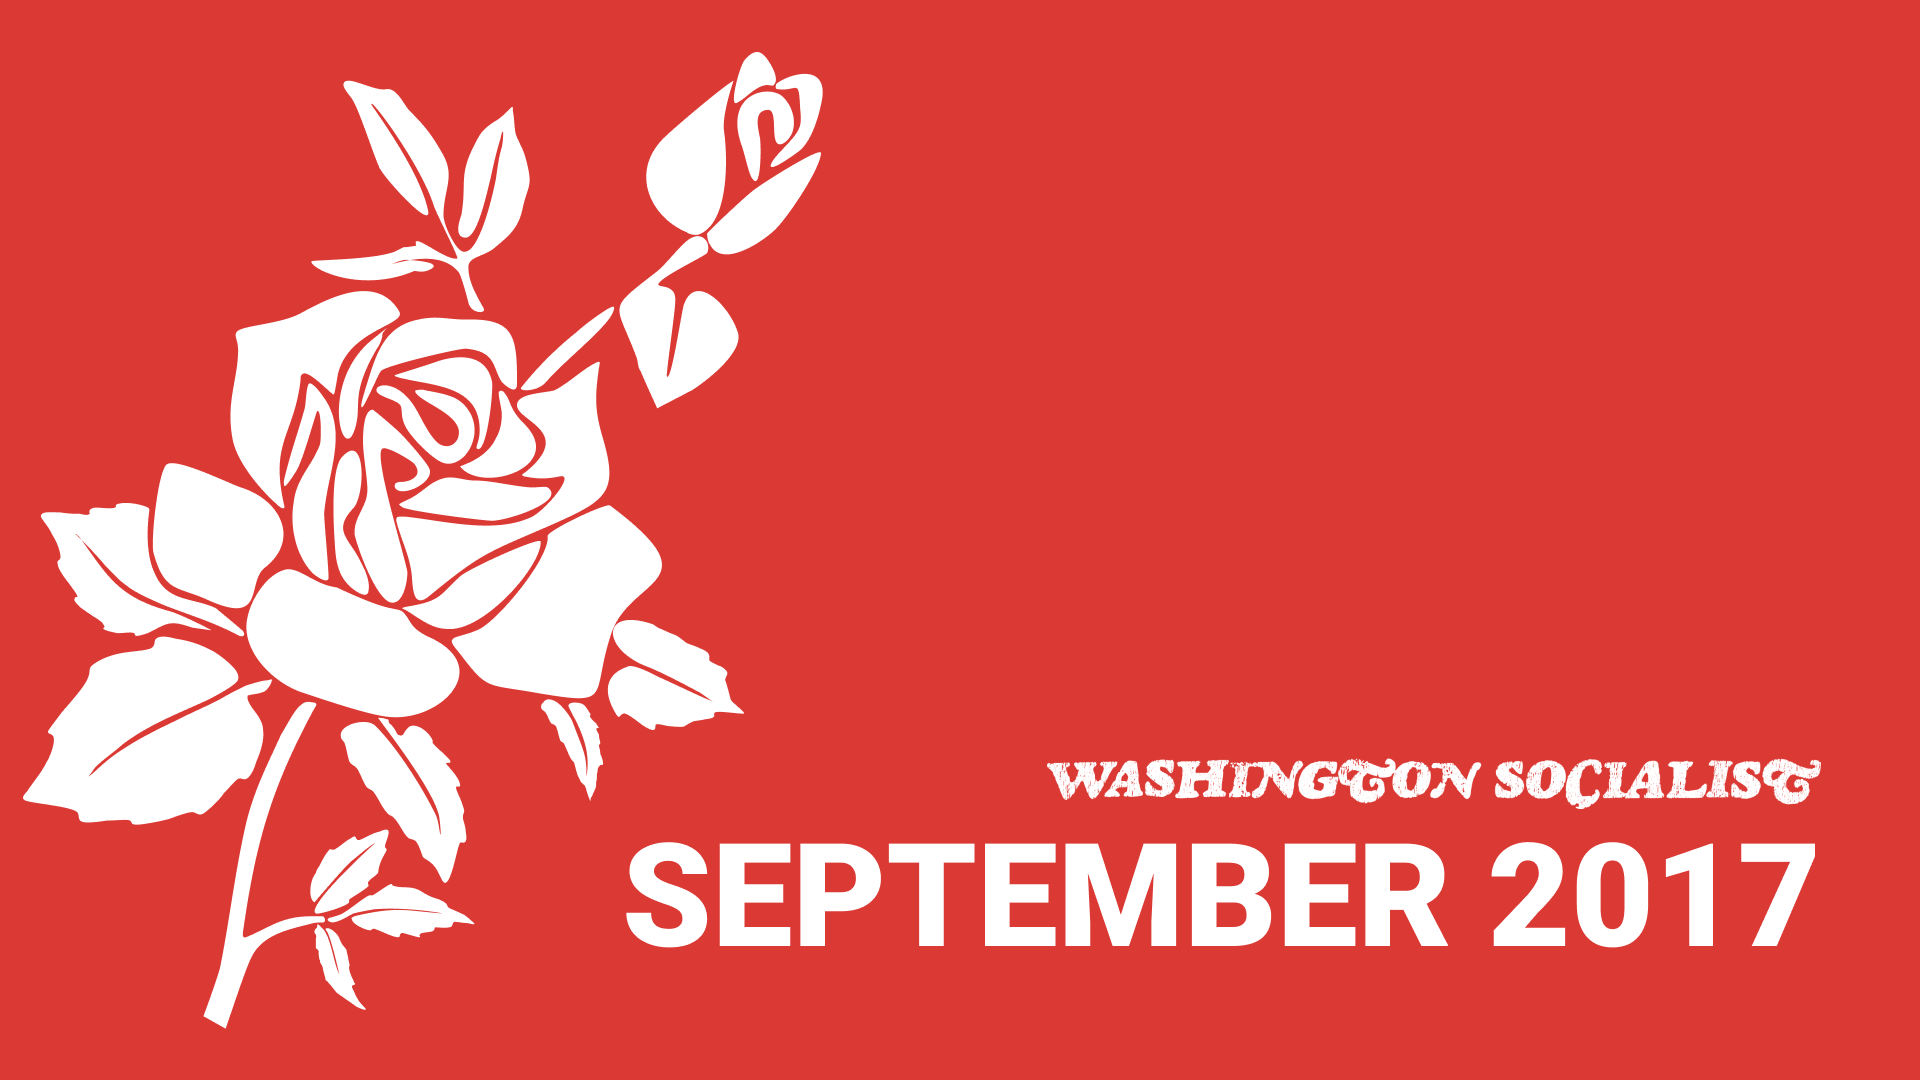 Washington Socialist Cover, September 2017